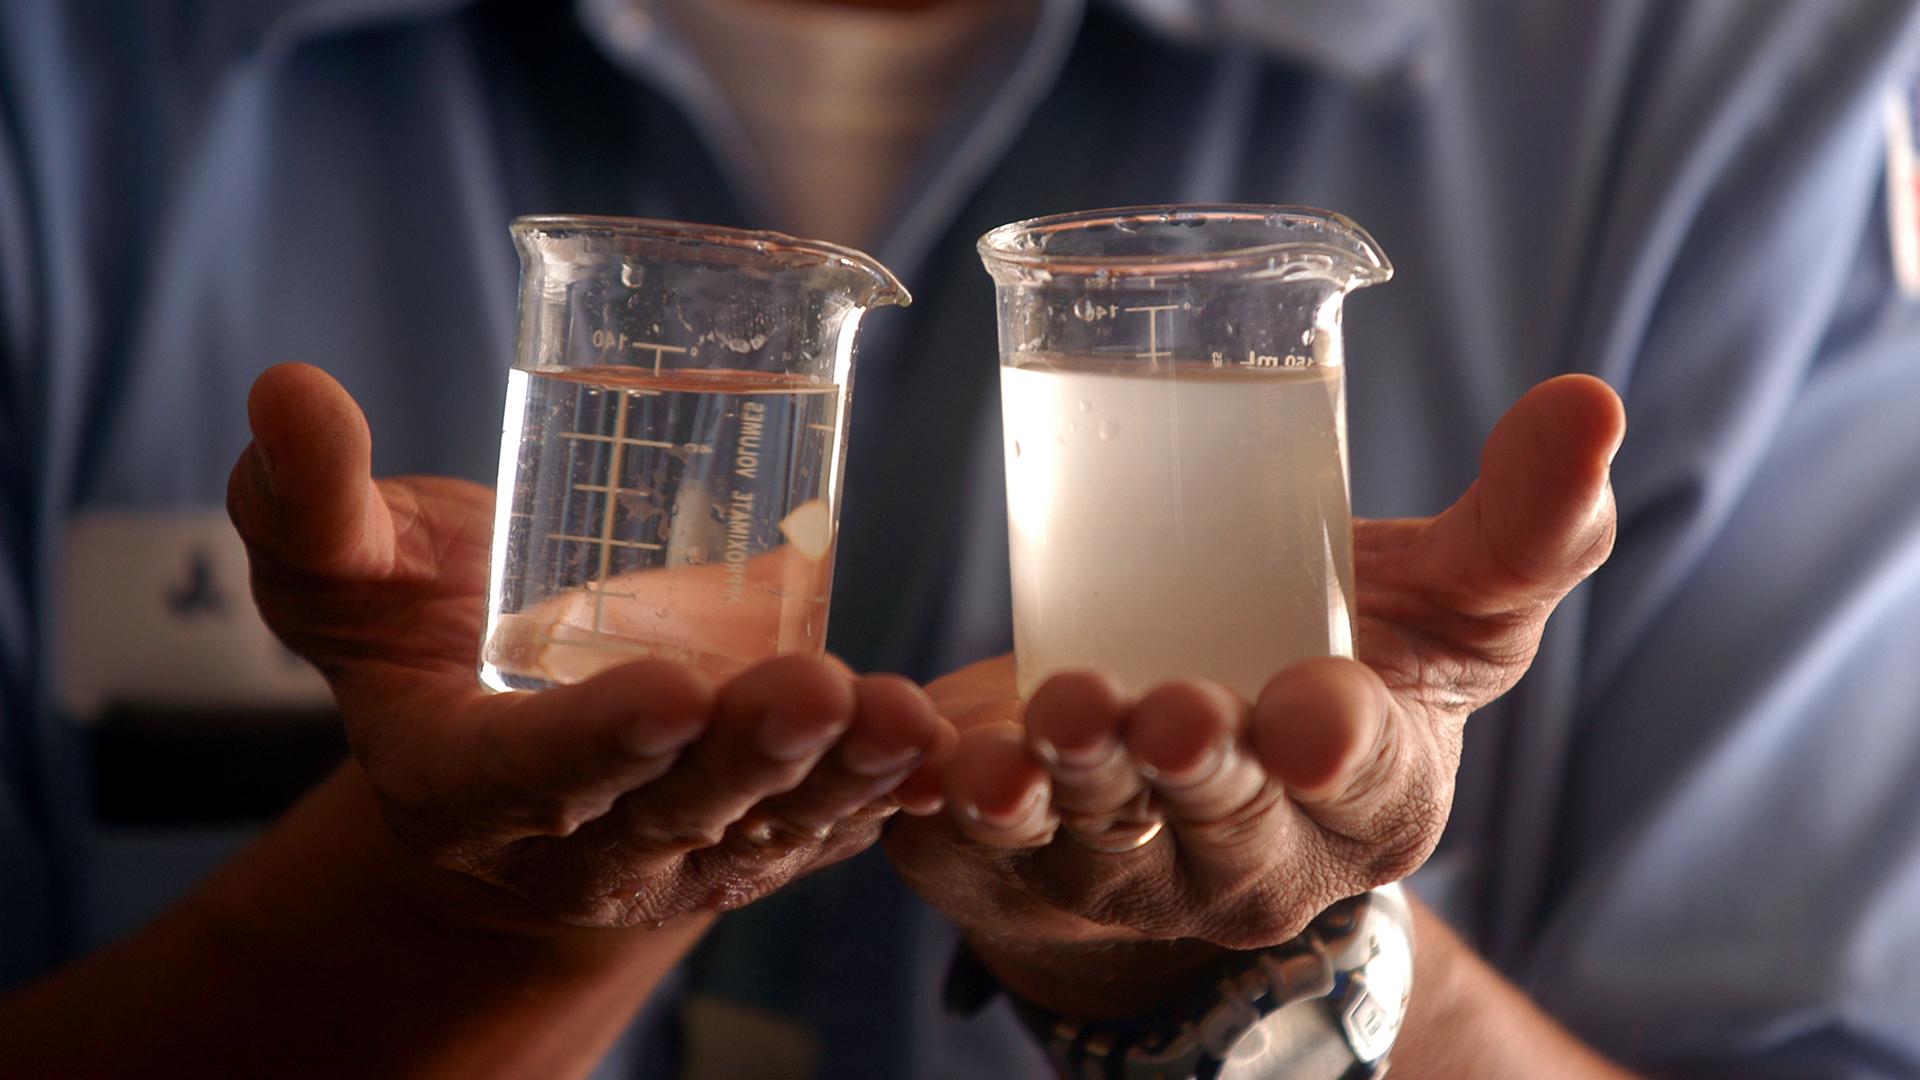 محققان دانشگاه MIT و JAIN برندگان جایزه ی Desal